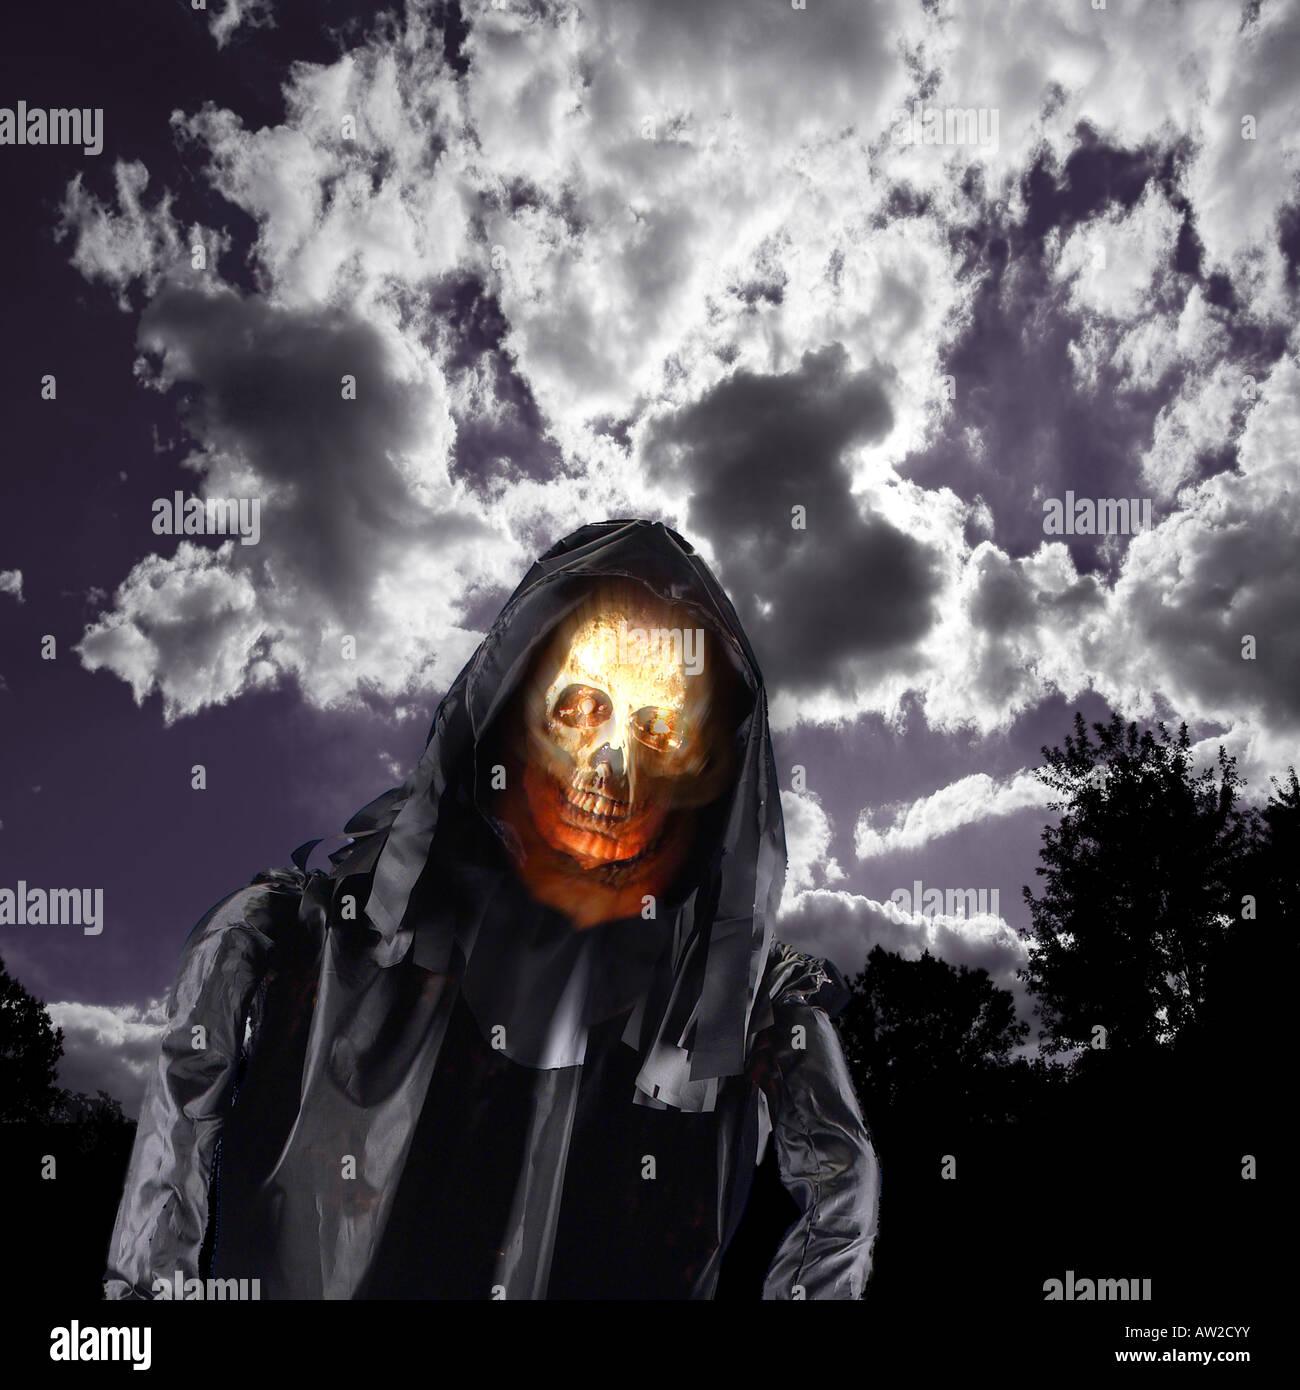 Böse Schädel Dämon Geist der Halloween-Nacht Stockbild